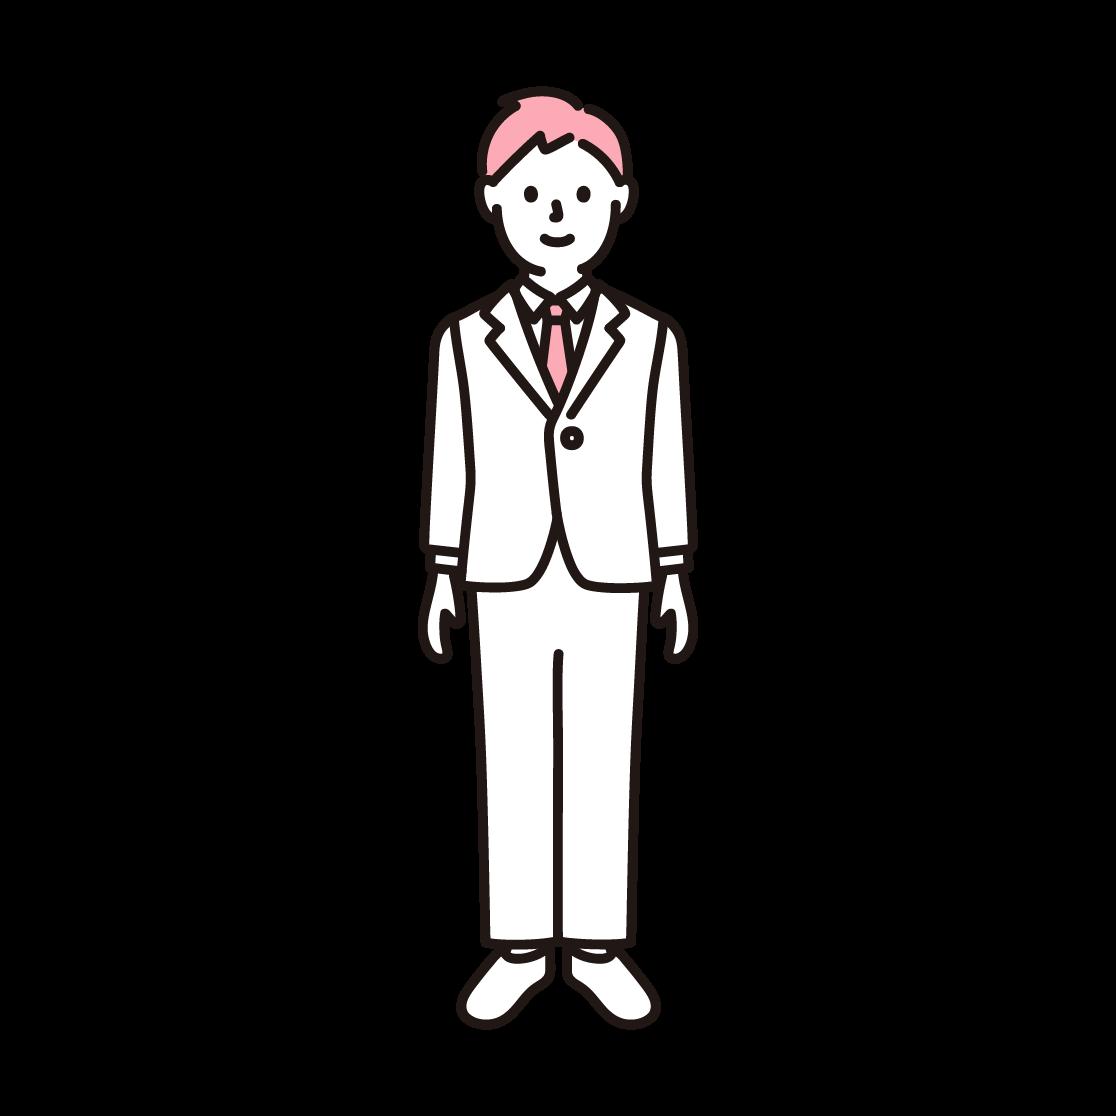 スーツを着た男性の単色イラスト